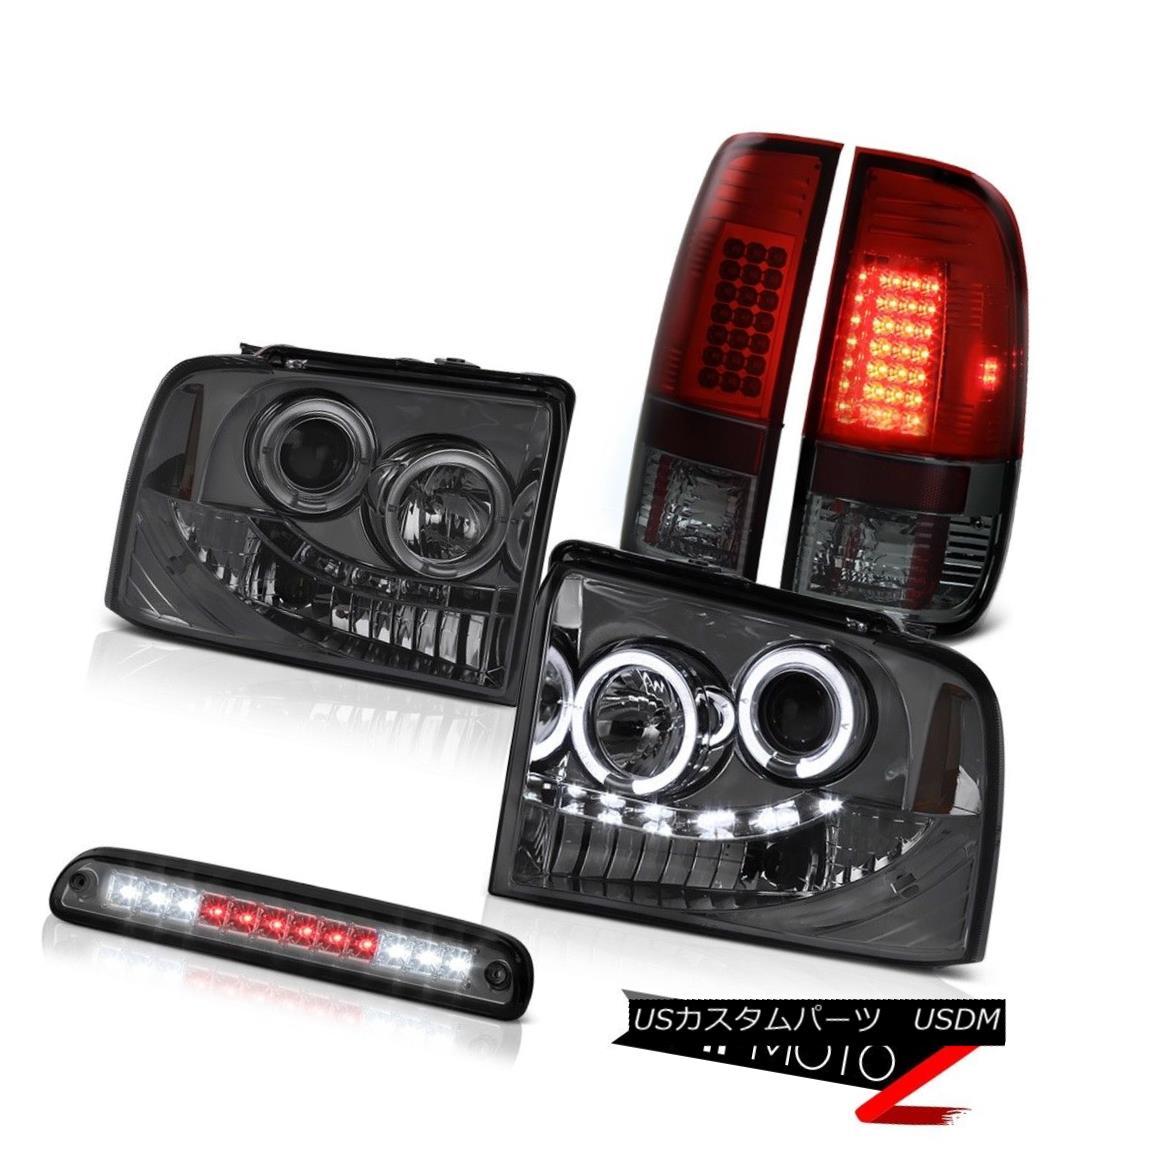 テールライト Tinted Headlights LED Bulbs Tail Lamps 3rd Brake 05 06 07 F350 Harley Davidson ティンテッドヘッドライトLED電球テールランプ3rdブレーキ05 06 07 F350ハーレーダビッドソン